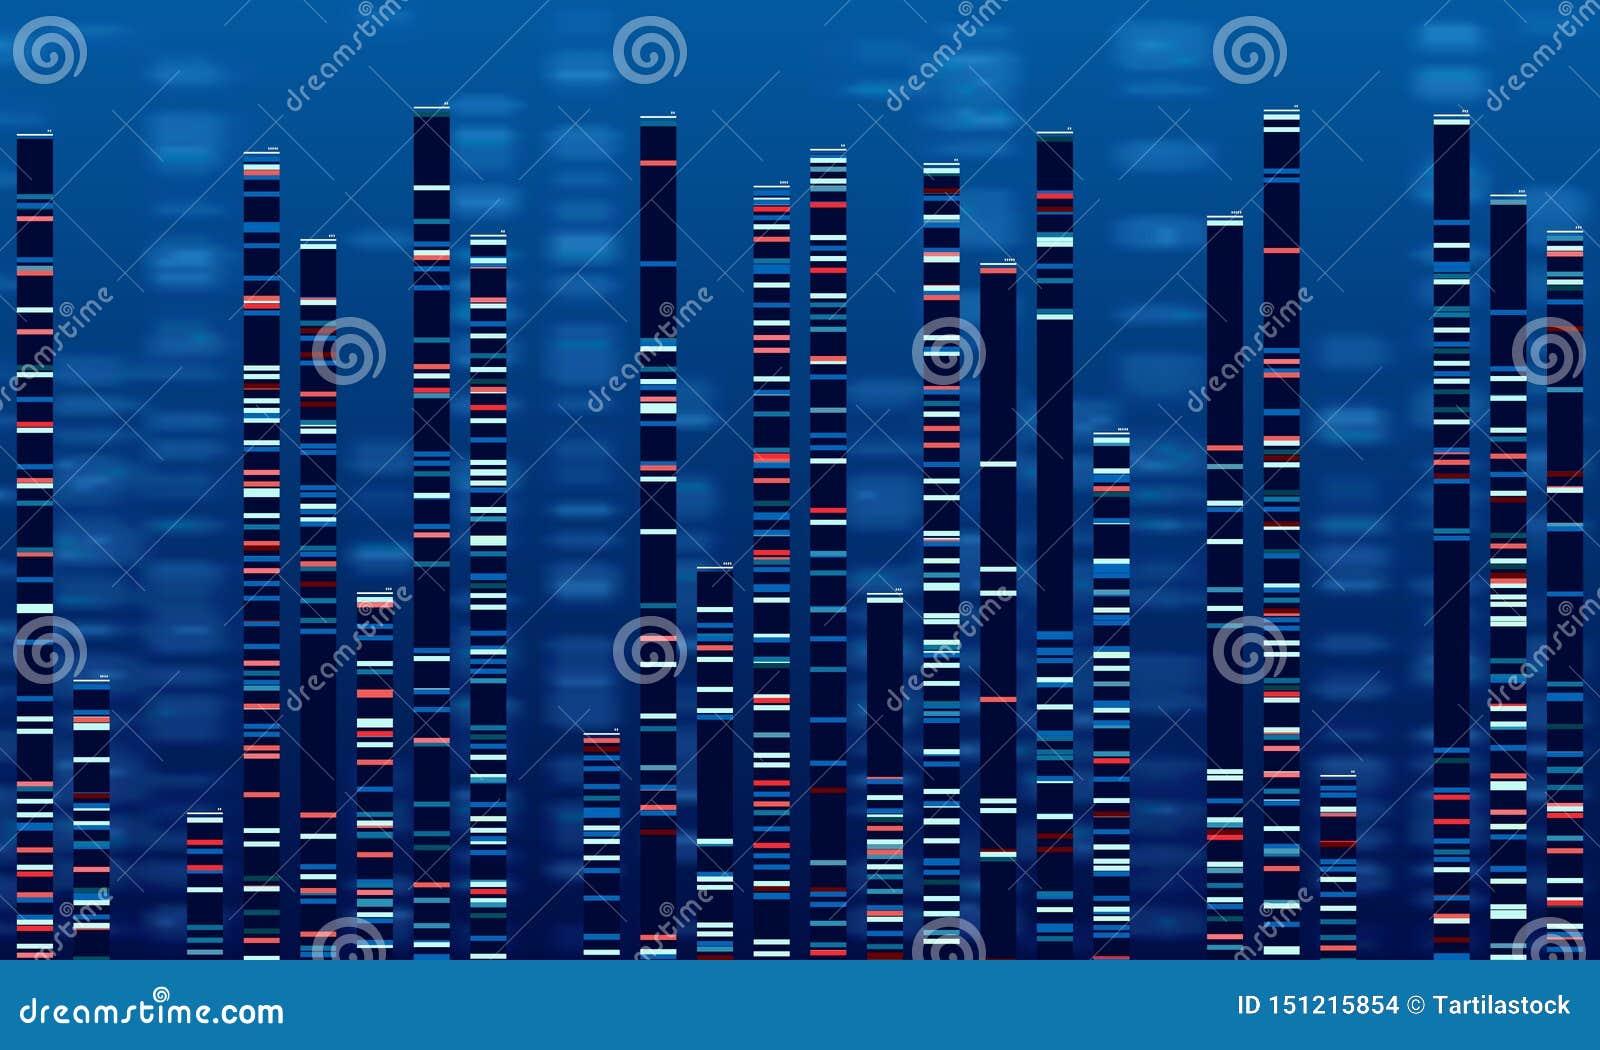 Keanu Reeves va face un test ADN, după ce i s-a atribuit paternitatea unui copil